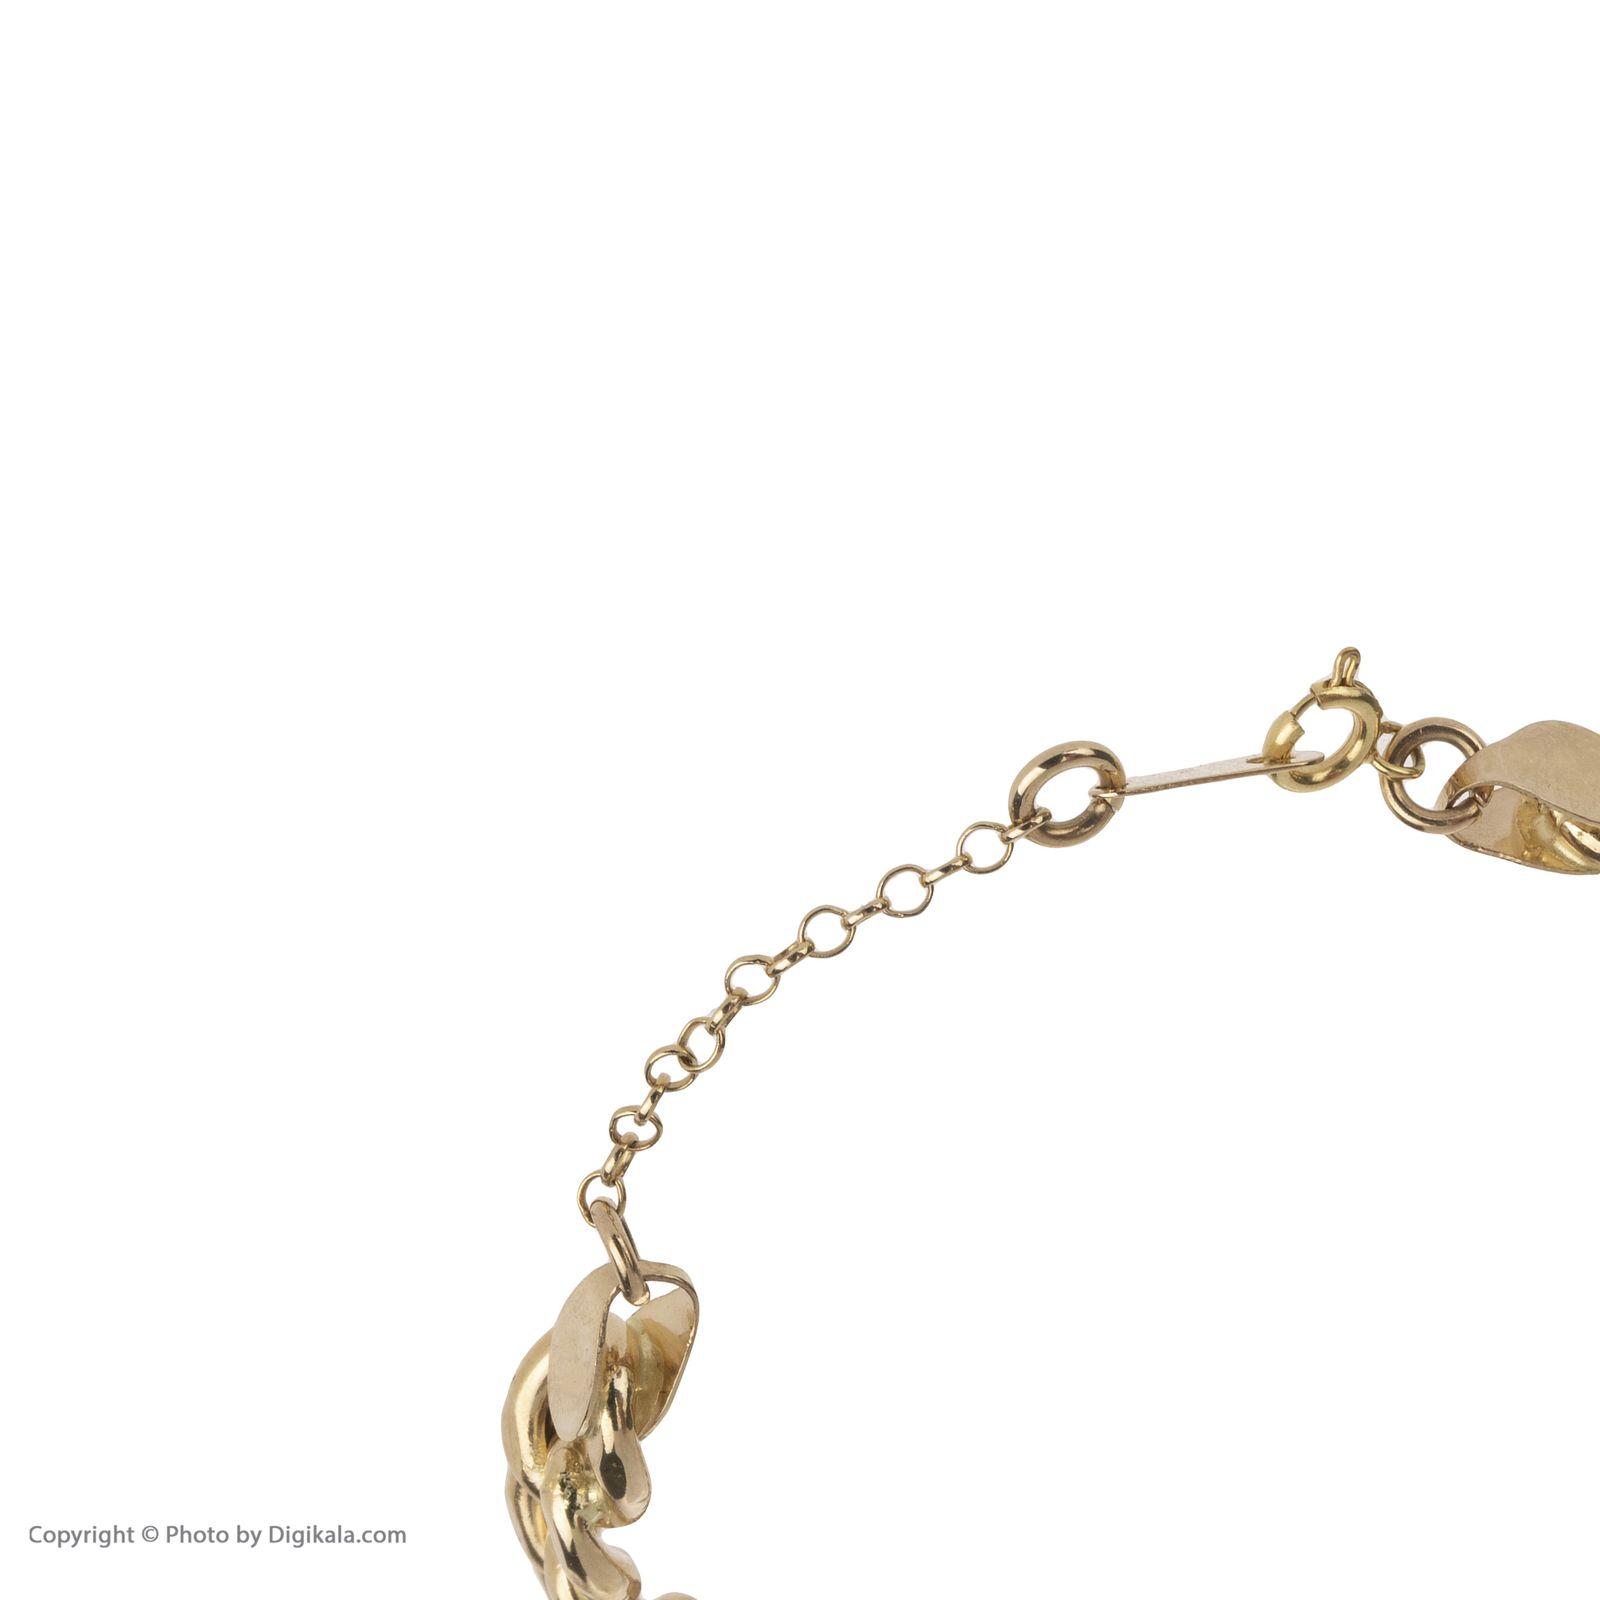 دستبند النگویی طلا 18 عیار زنانه مایا ماهک مدل MB1049 -  - 5